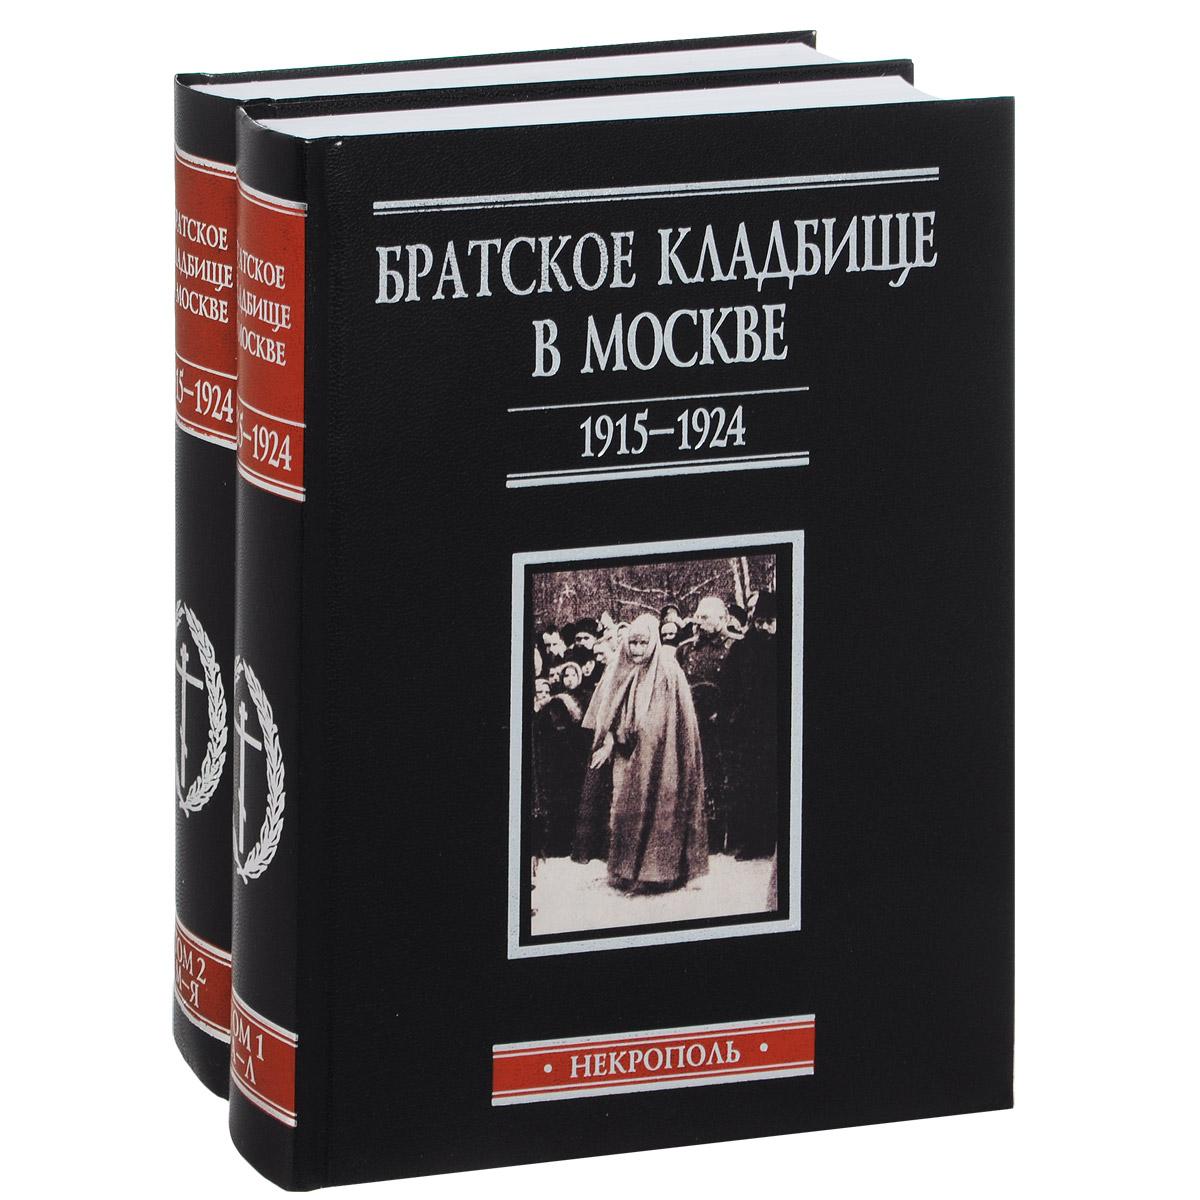 Нина Зубова,Мария Катагощина Братское кладбище в Москве, 1915–1924. Некрополь. В 2 томах (комплект) великие имена россии